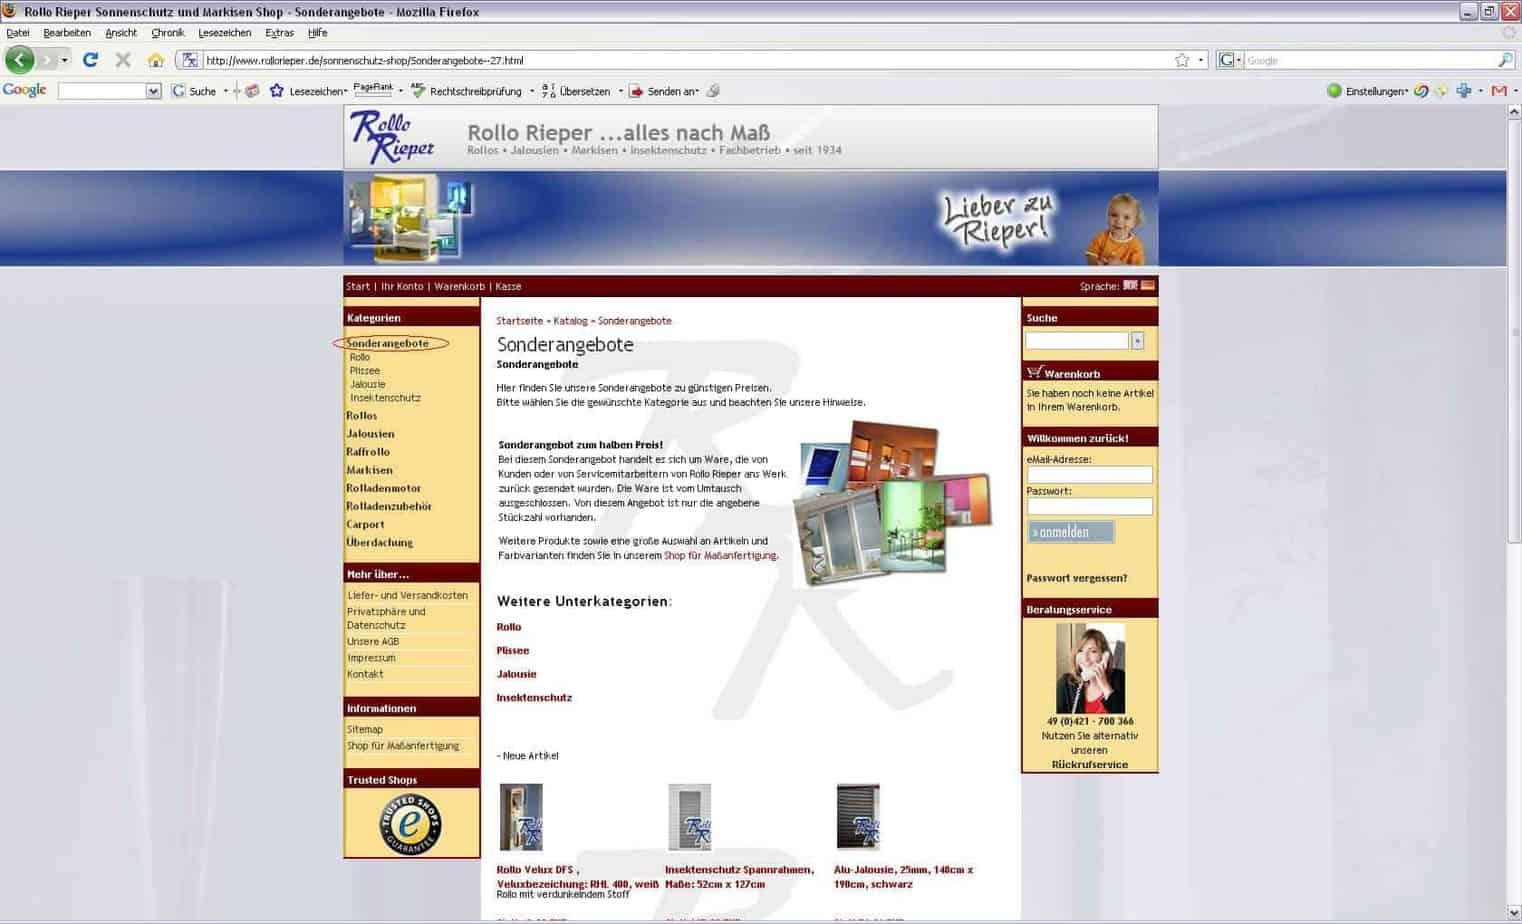 Sonderangebote mit 50% Rabatt im Standard-Shop jetzt online (vom 04.12.2008)